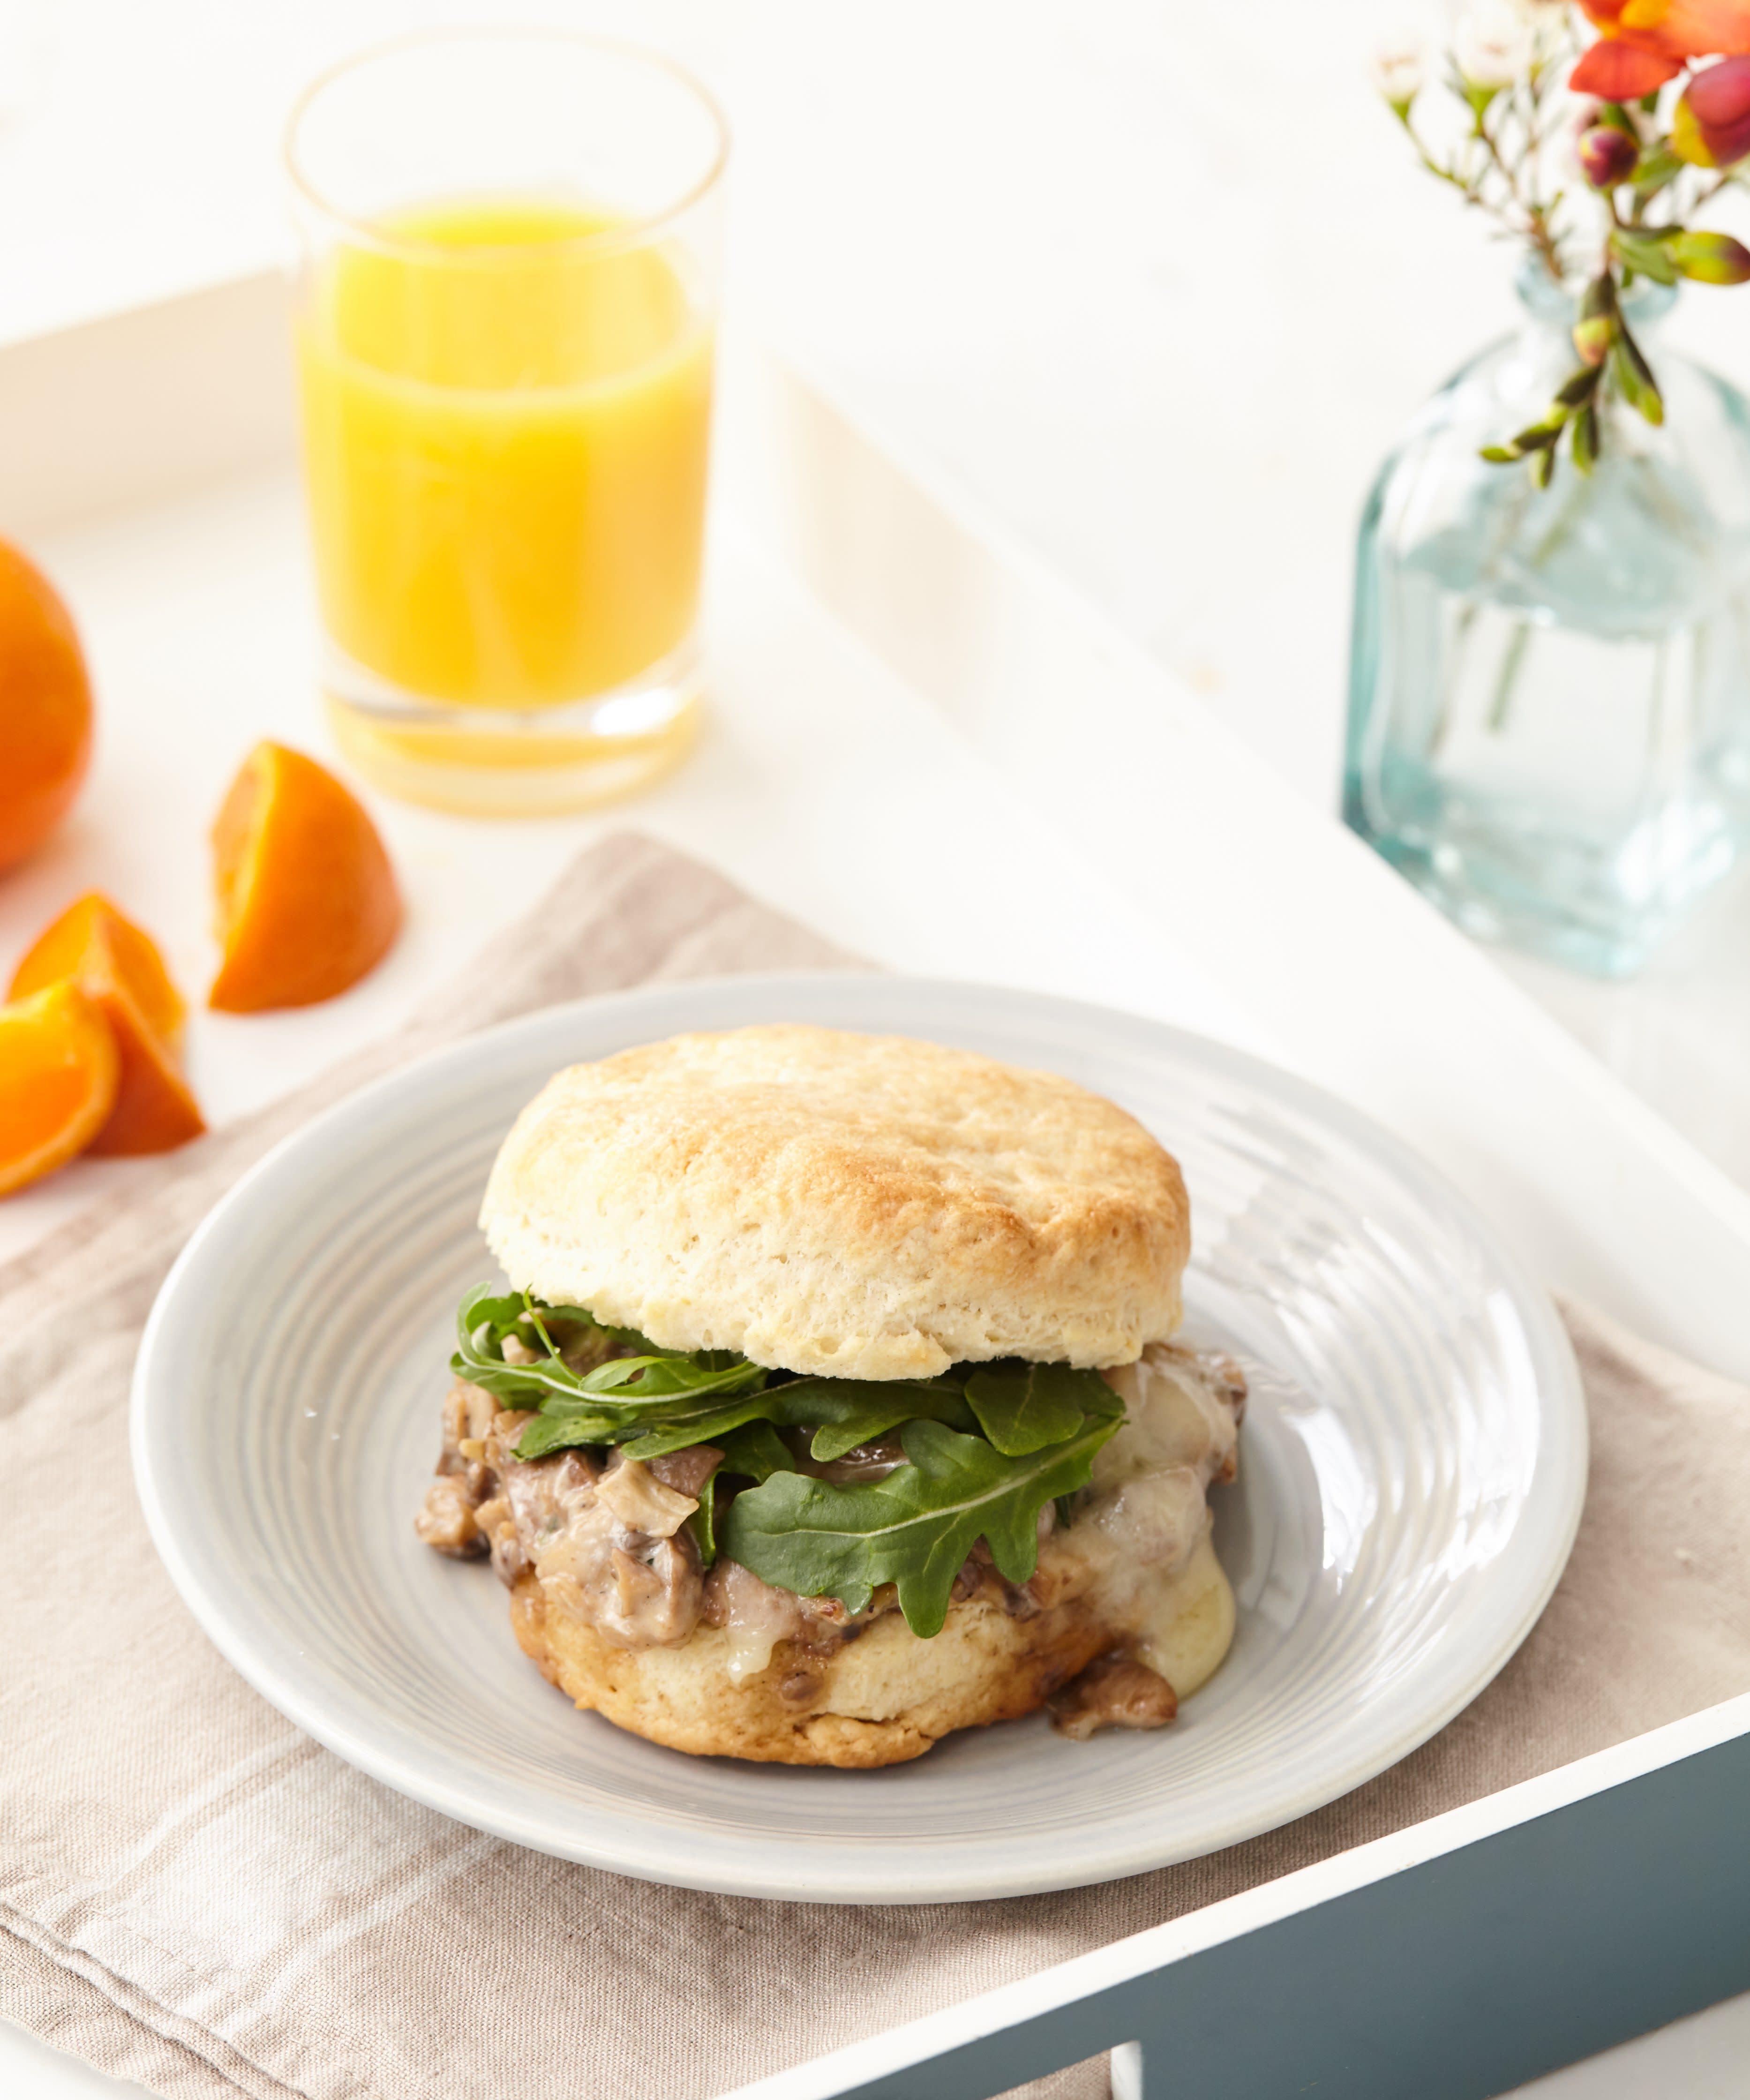 Creamy Mushroom Biscuit Sandwiches